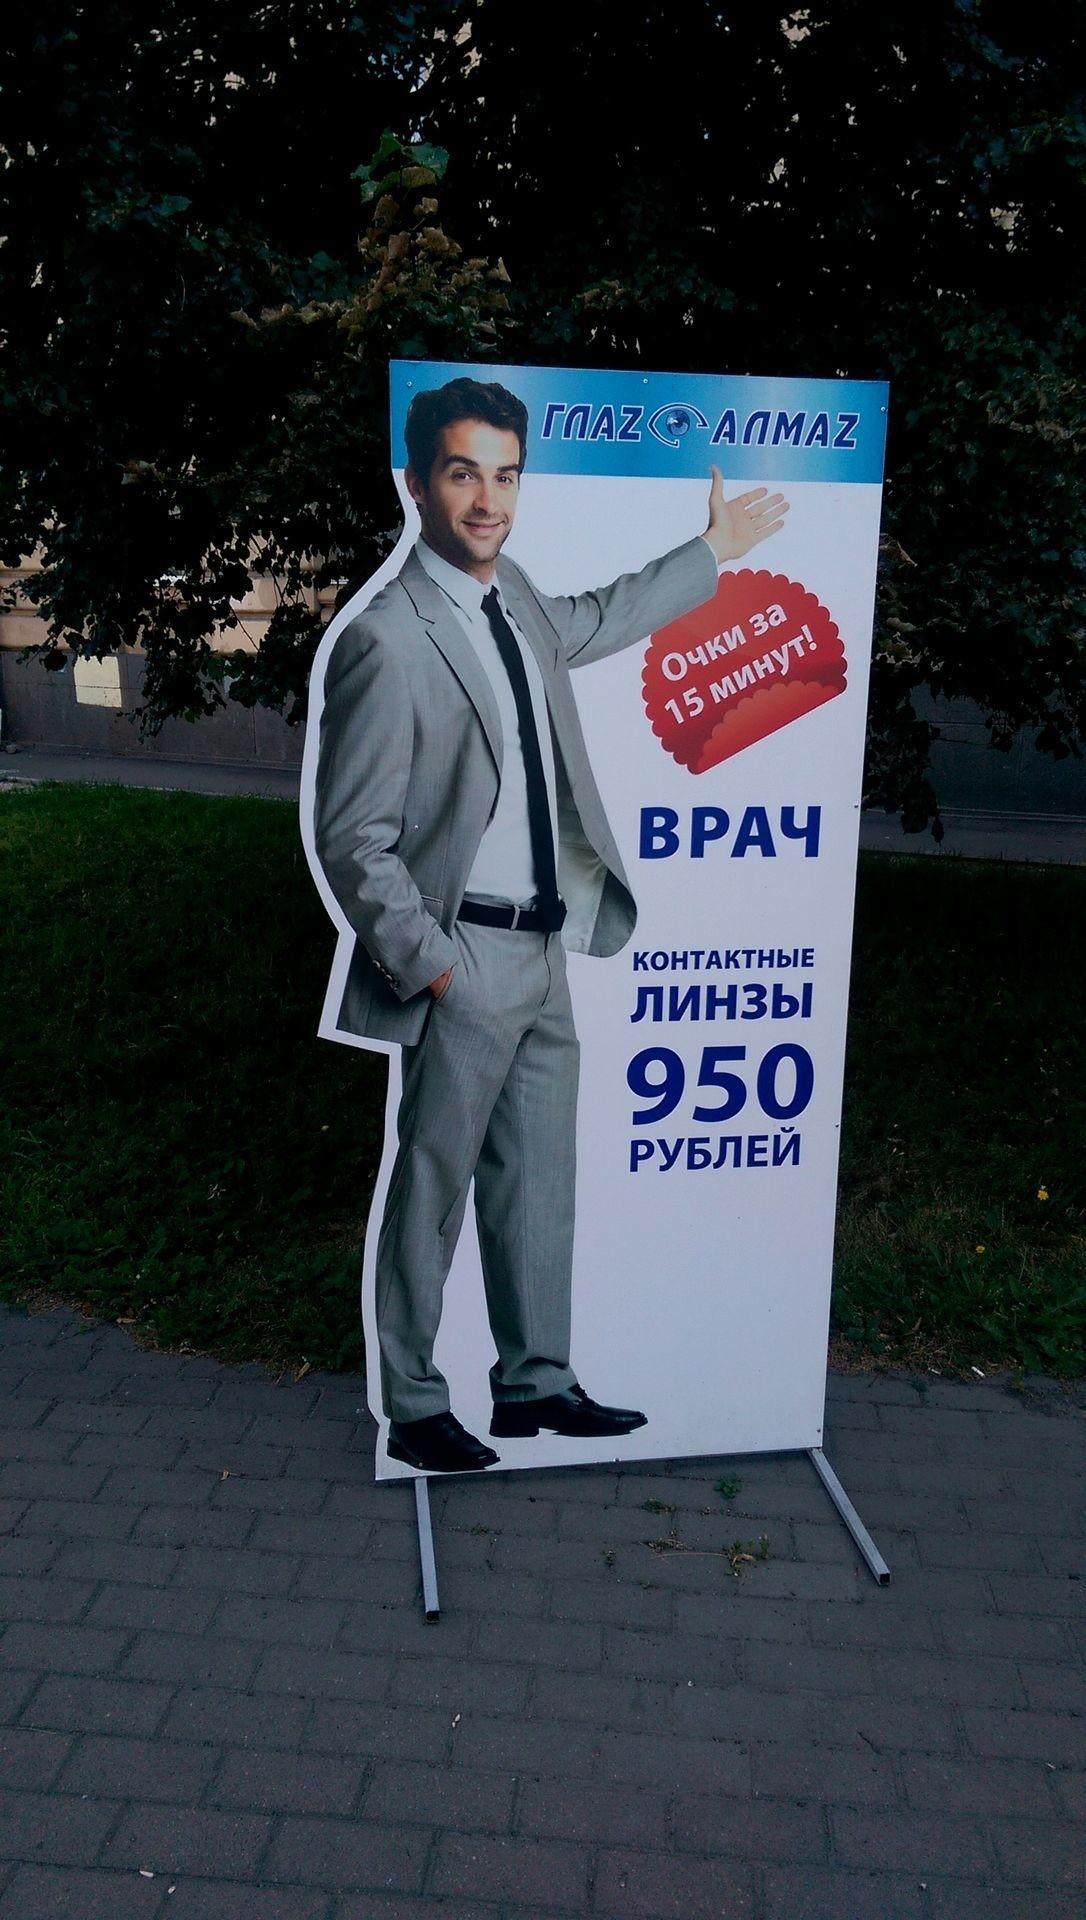 Ростовые фигуры на металлокаркасе   фото 2